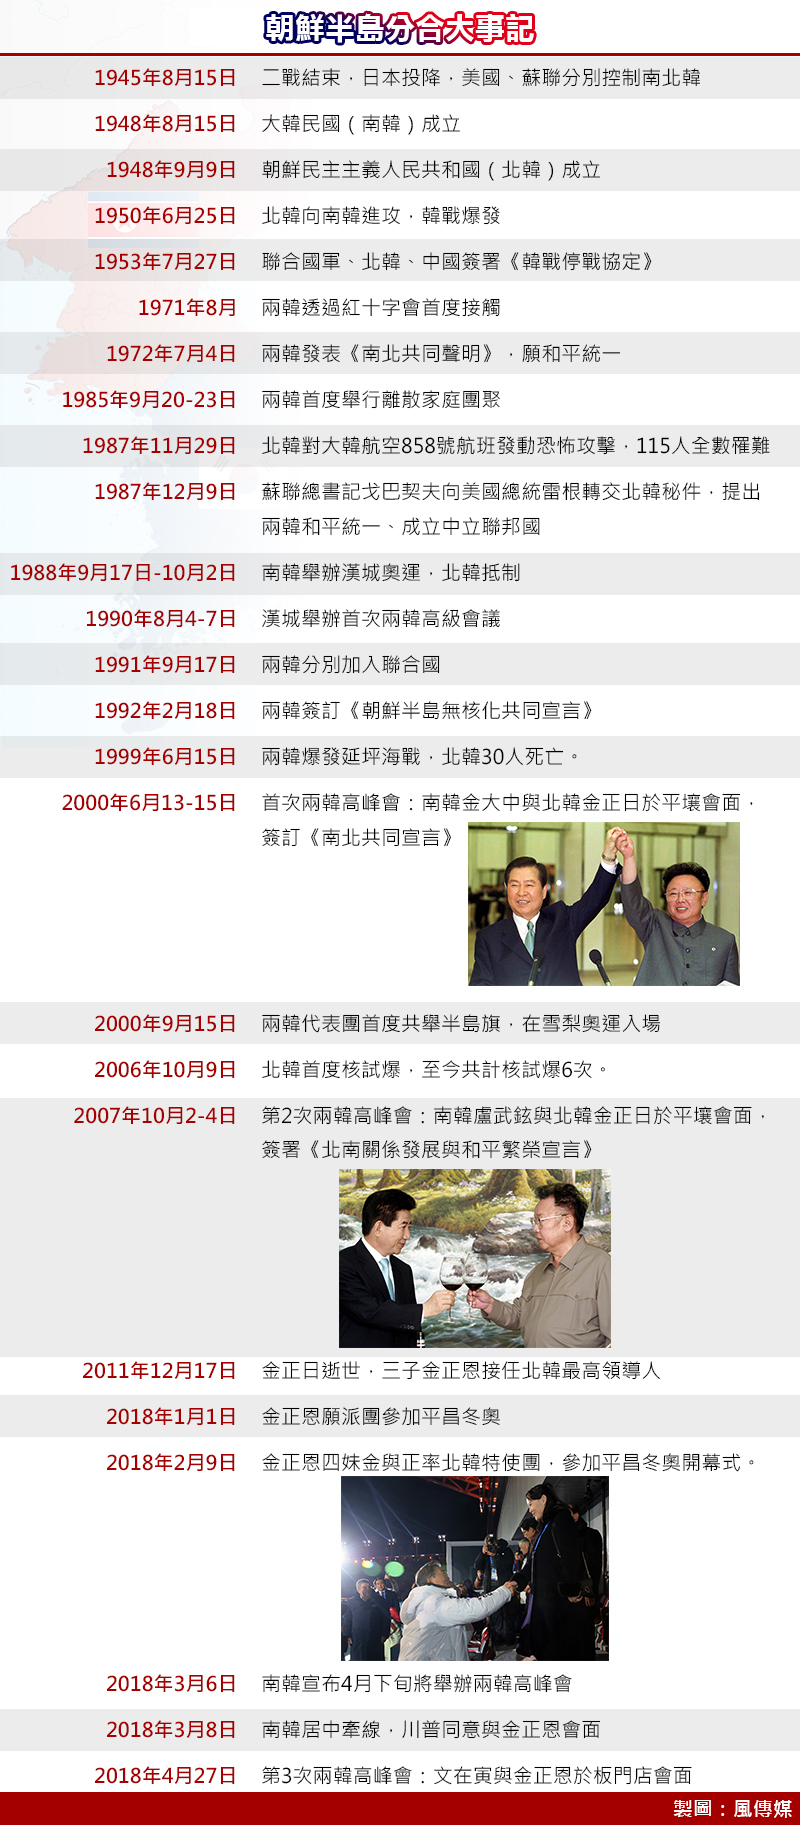 朝鮮半島分合大事記(製圖:風傳媒) 文金會 板門店峰會 文在寅 金正恩 兩韓高峰會